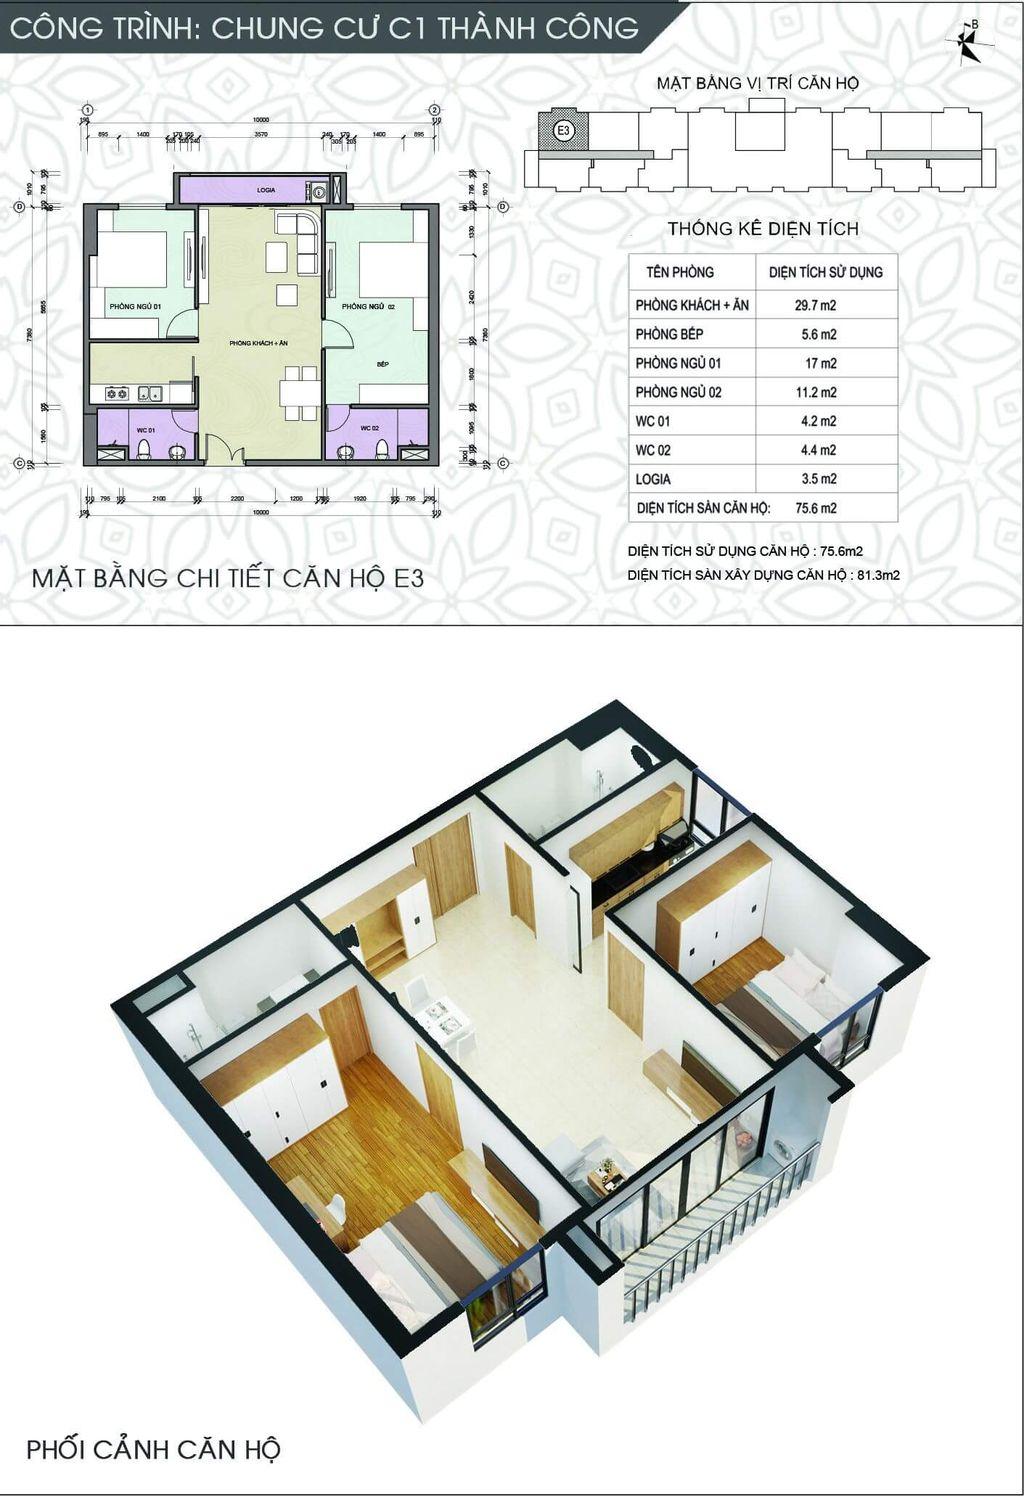 Thiết kế chung cư C1 Thành Công căn số 5 và số 10